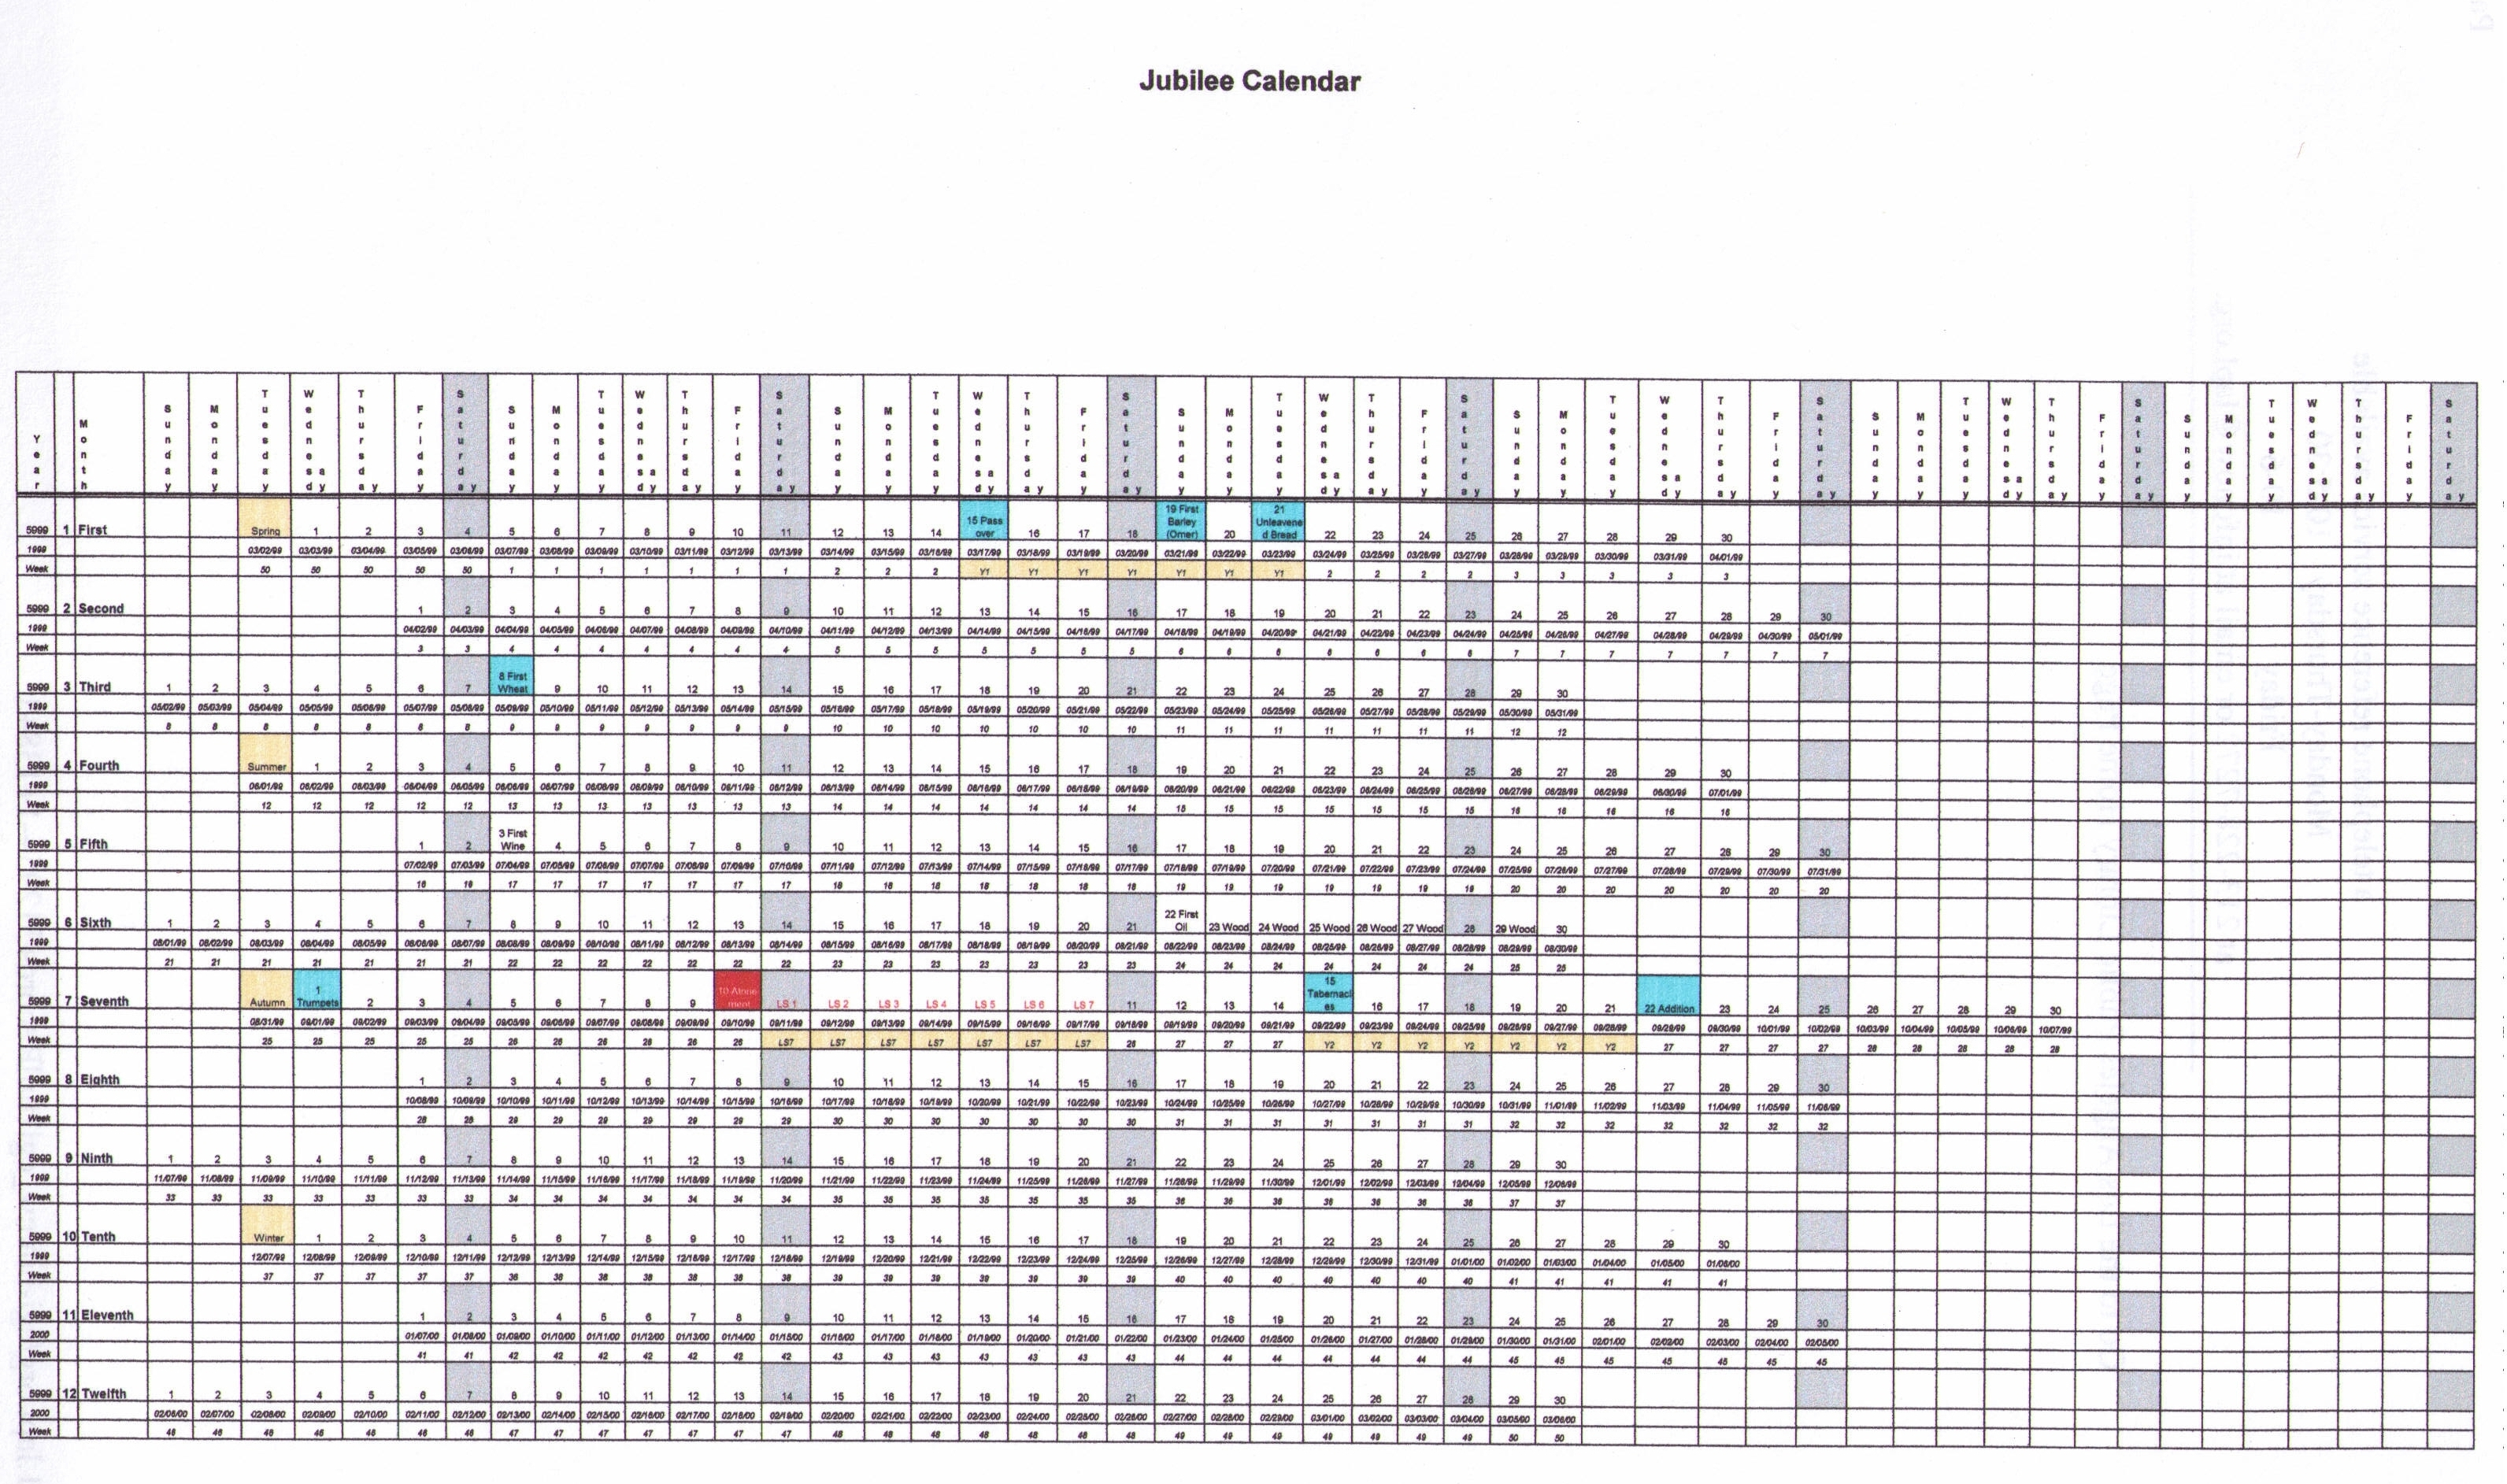 Every Year Calendar By Weeks Hebrew Calendar Wikipedia Filejubilee Calendar Jubilee Yearjpg Wikimedia Commons